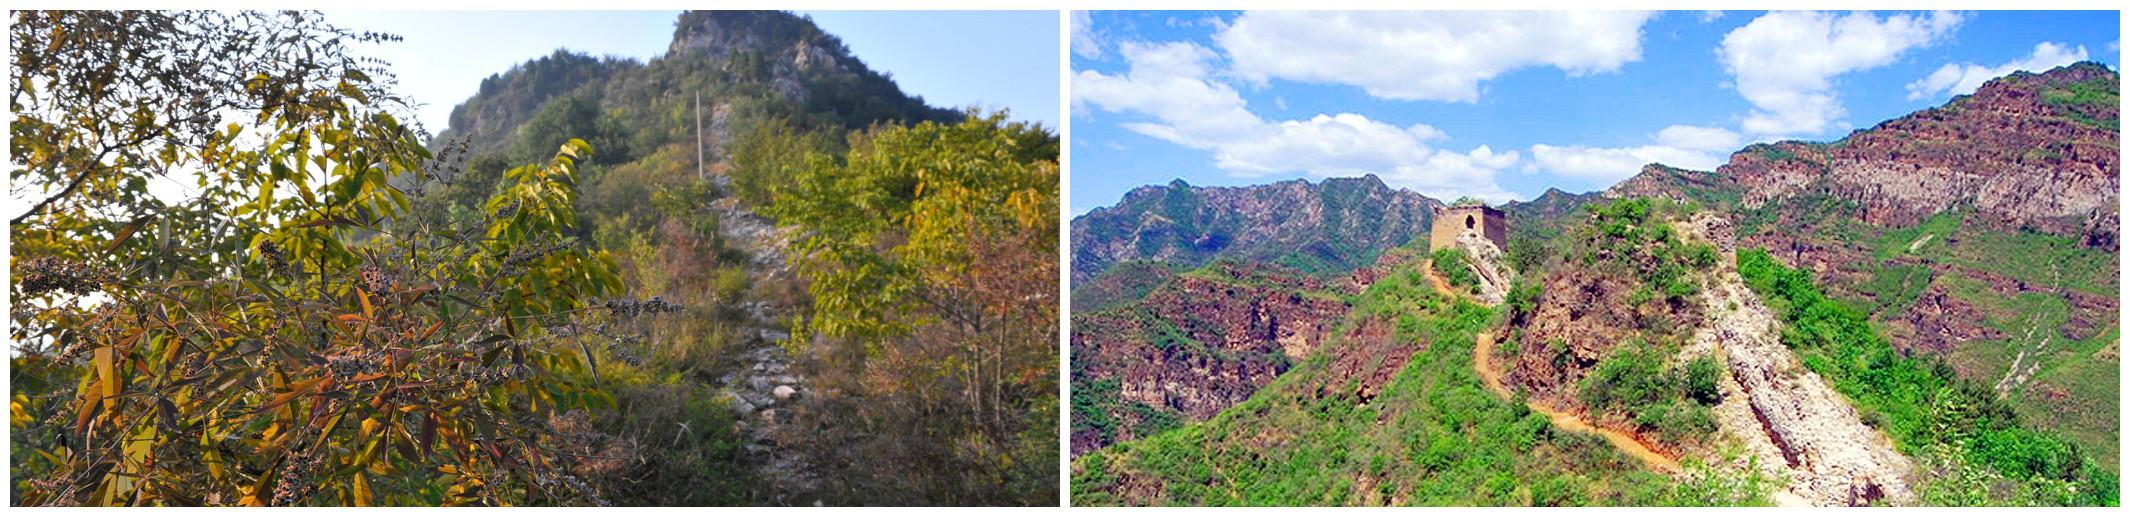 爬长城看风景,沿途还有免费的矿泉水提供给登山爱好者和驴友朋友们